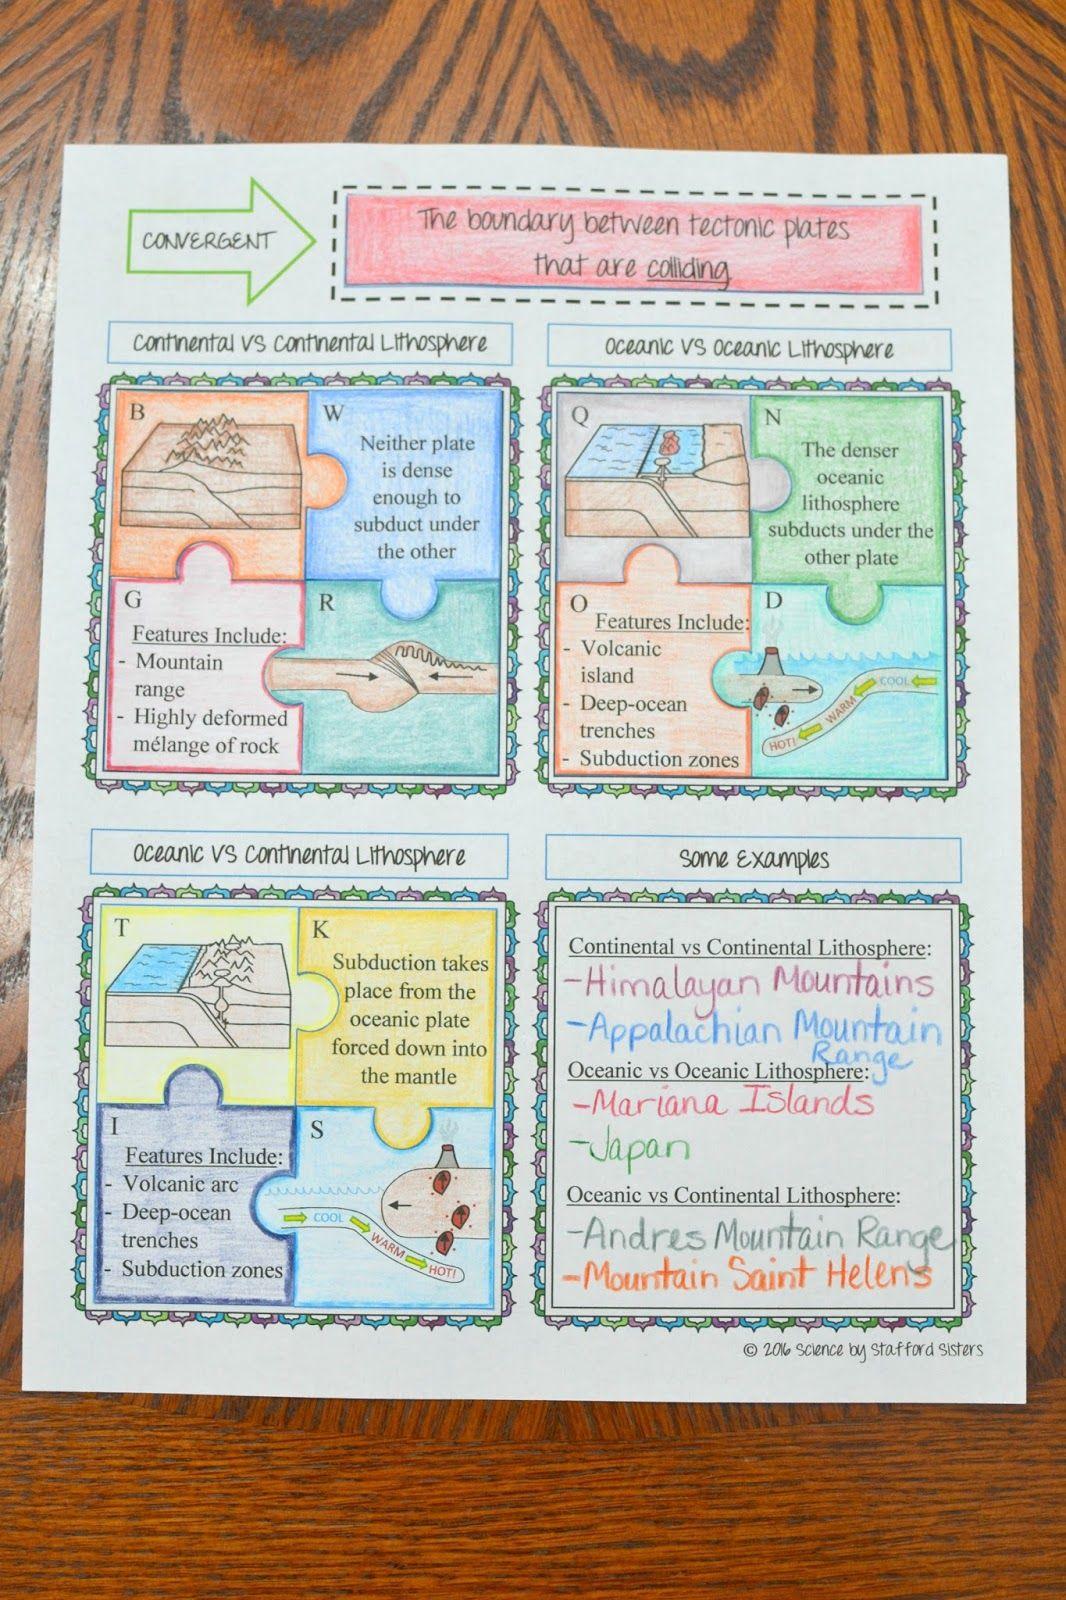 Plate Tectonics | Earth Motions | Pinterest | Plate tectonics ...